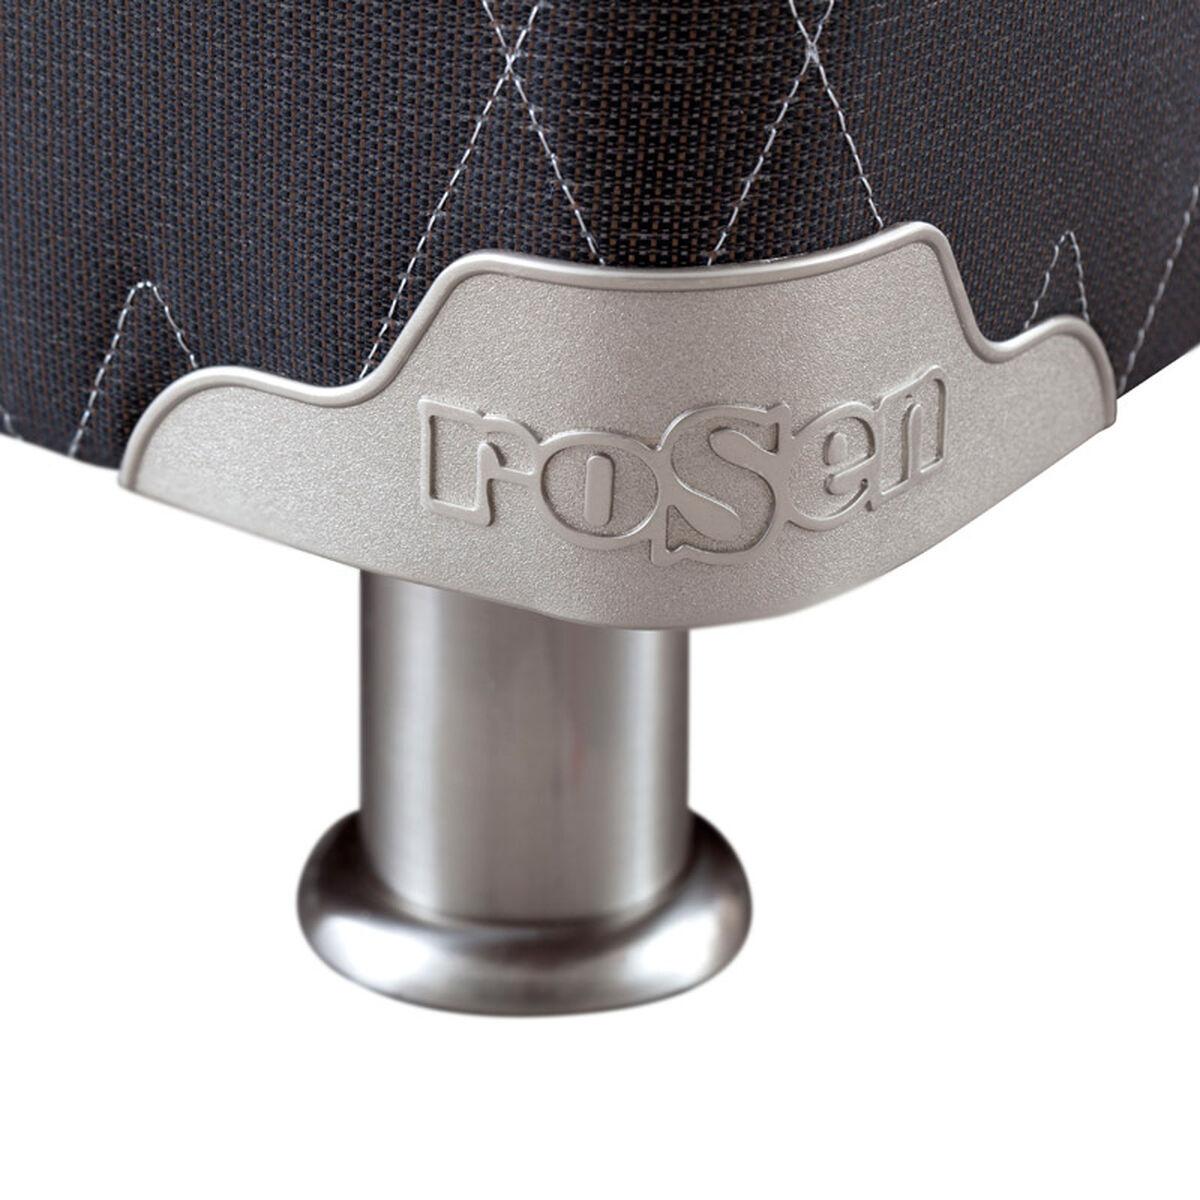 Box Spring 2 plazas Rosen Ergo T +Respaldo+Velador+Textil